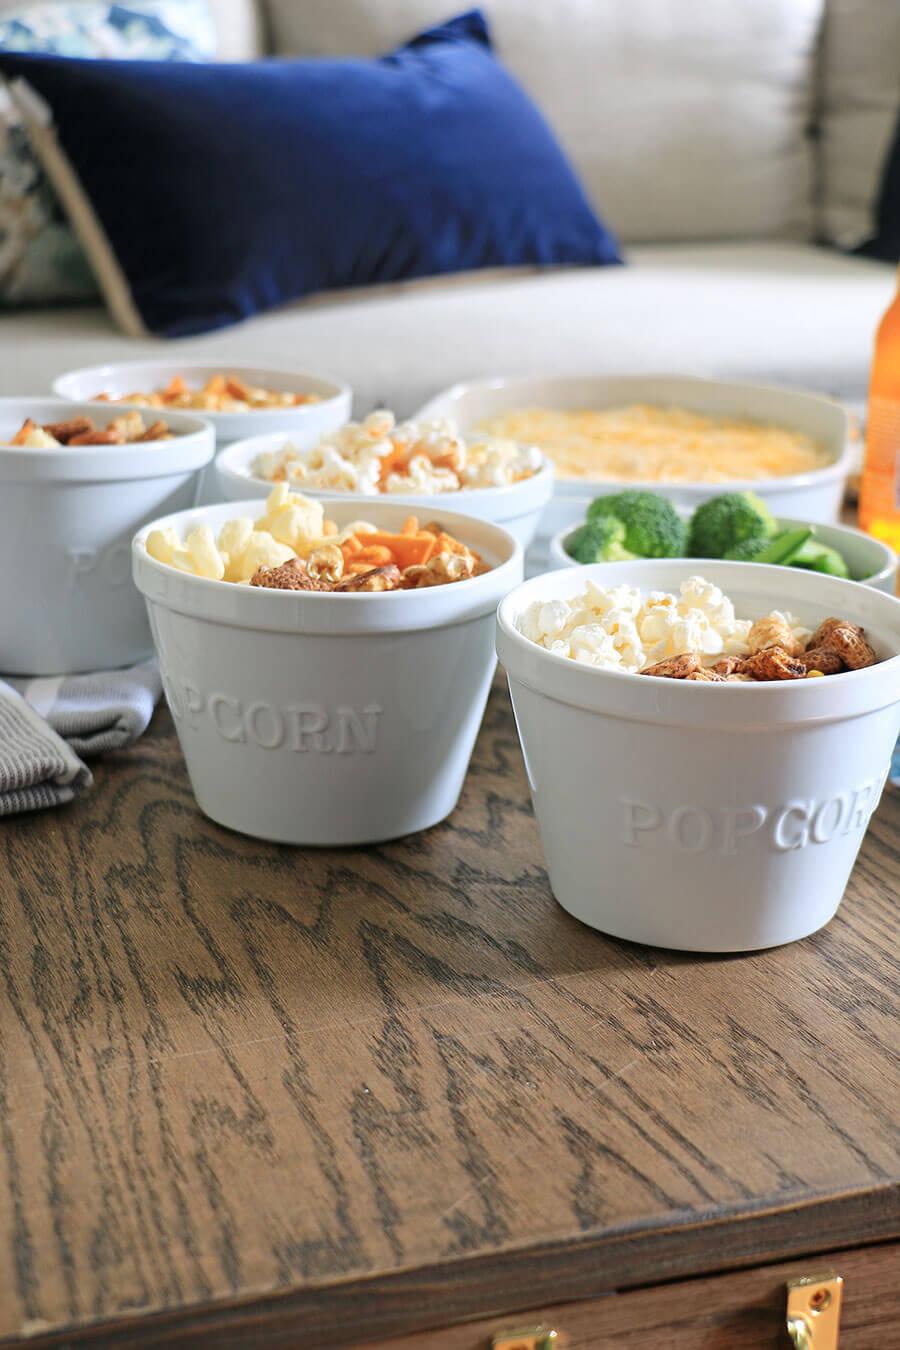 Porcelain popcorn bowls